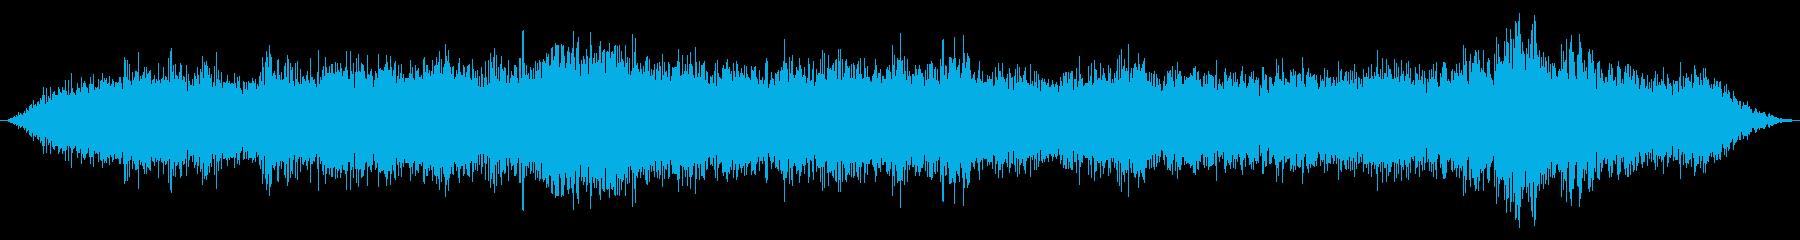 サイクルの周囲のきらめき効果を伴う...の再生済みの波形